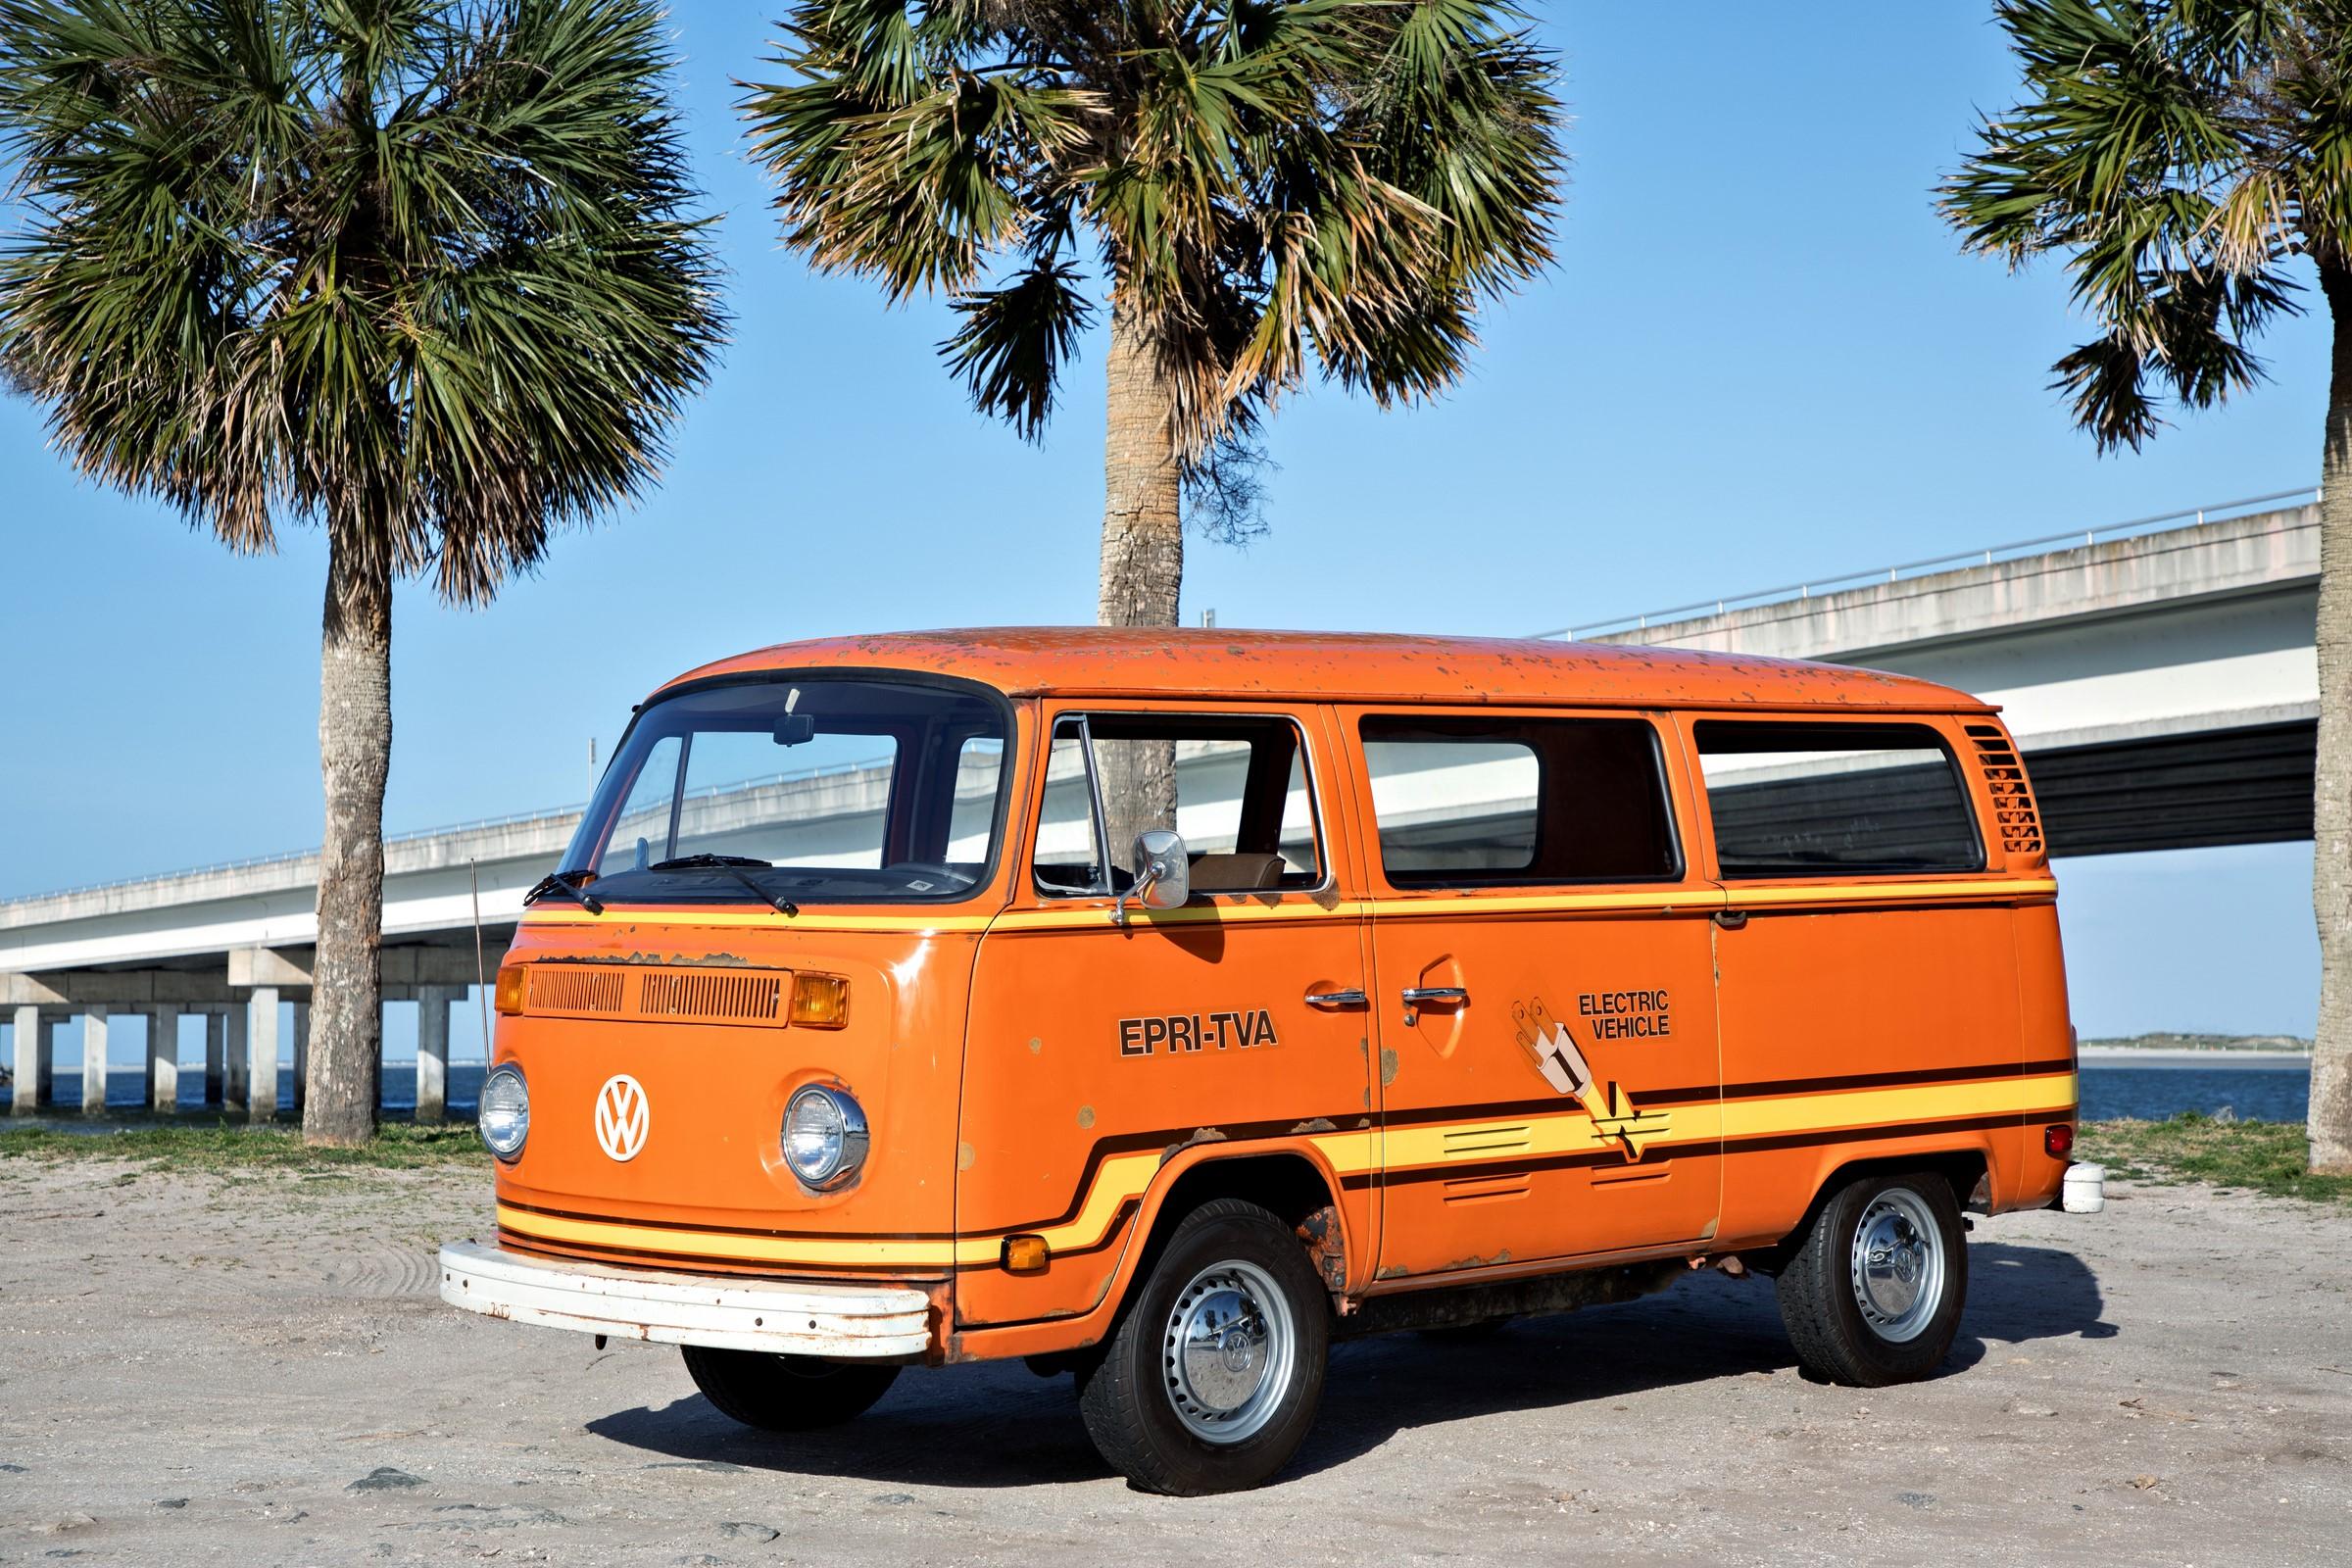 Essa VW Kombi elétrica viveu o futuro em 1979